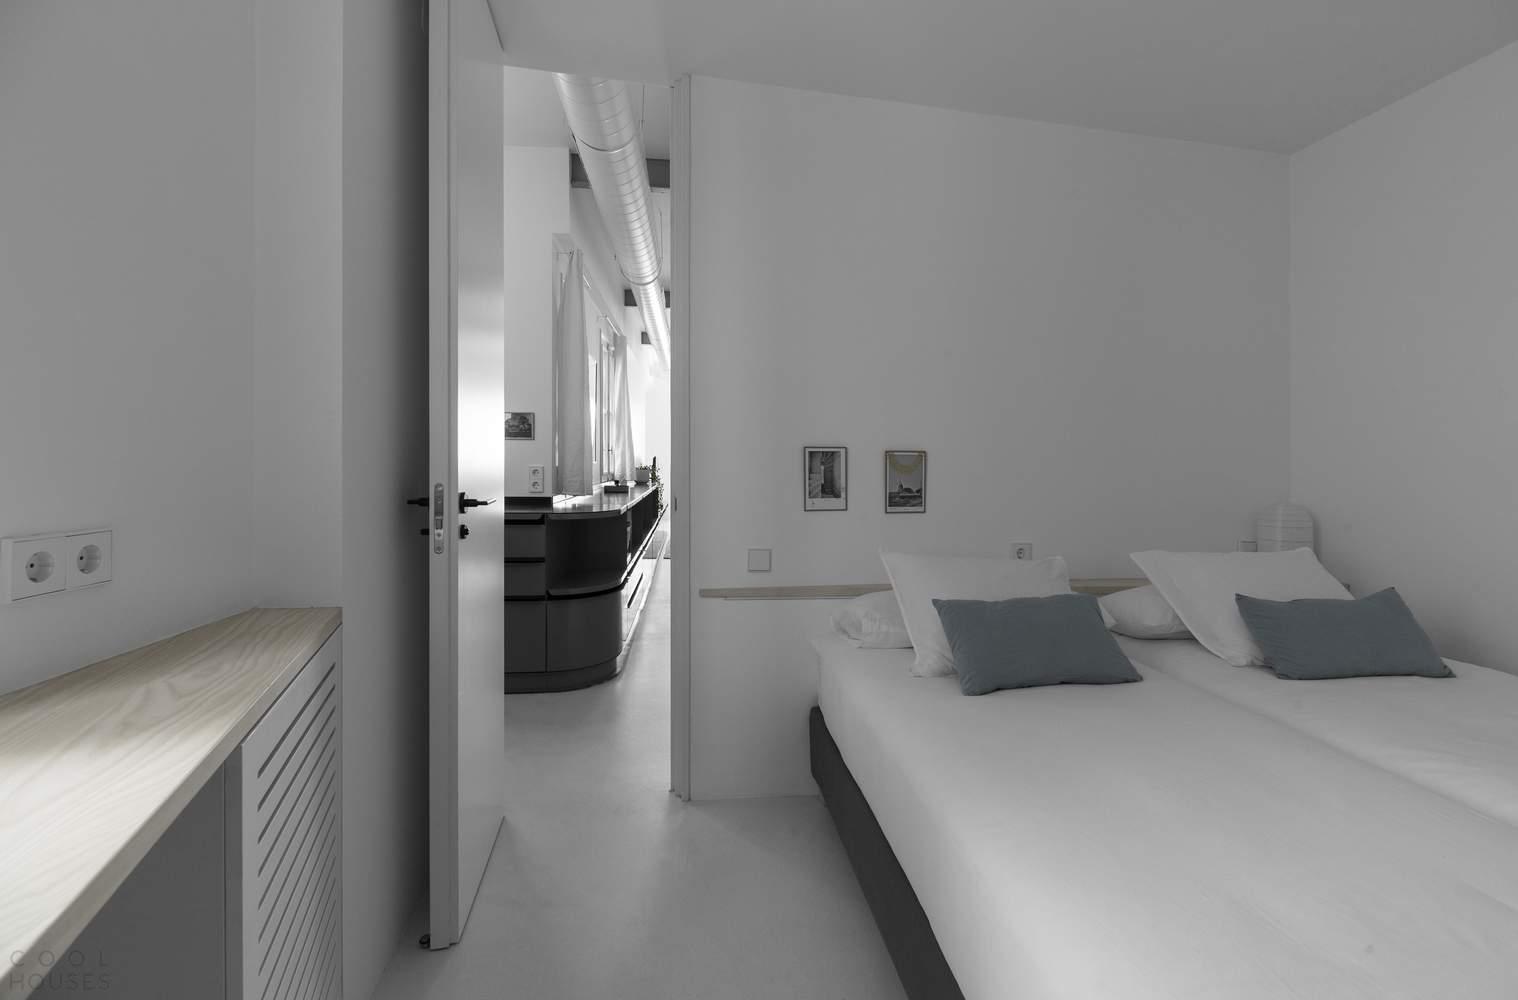 Реконструкция квартиры, используемой для краткосрочной аренды, Испания